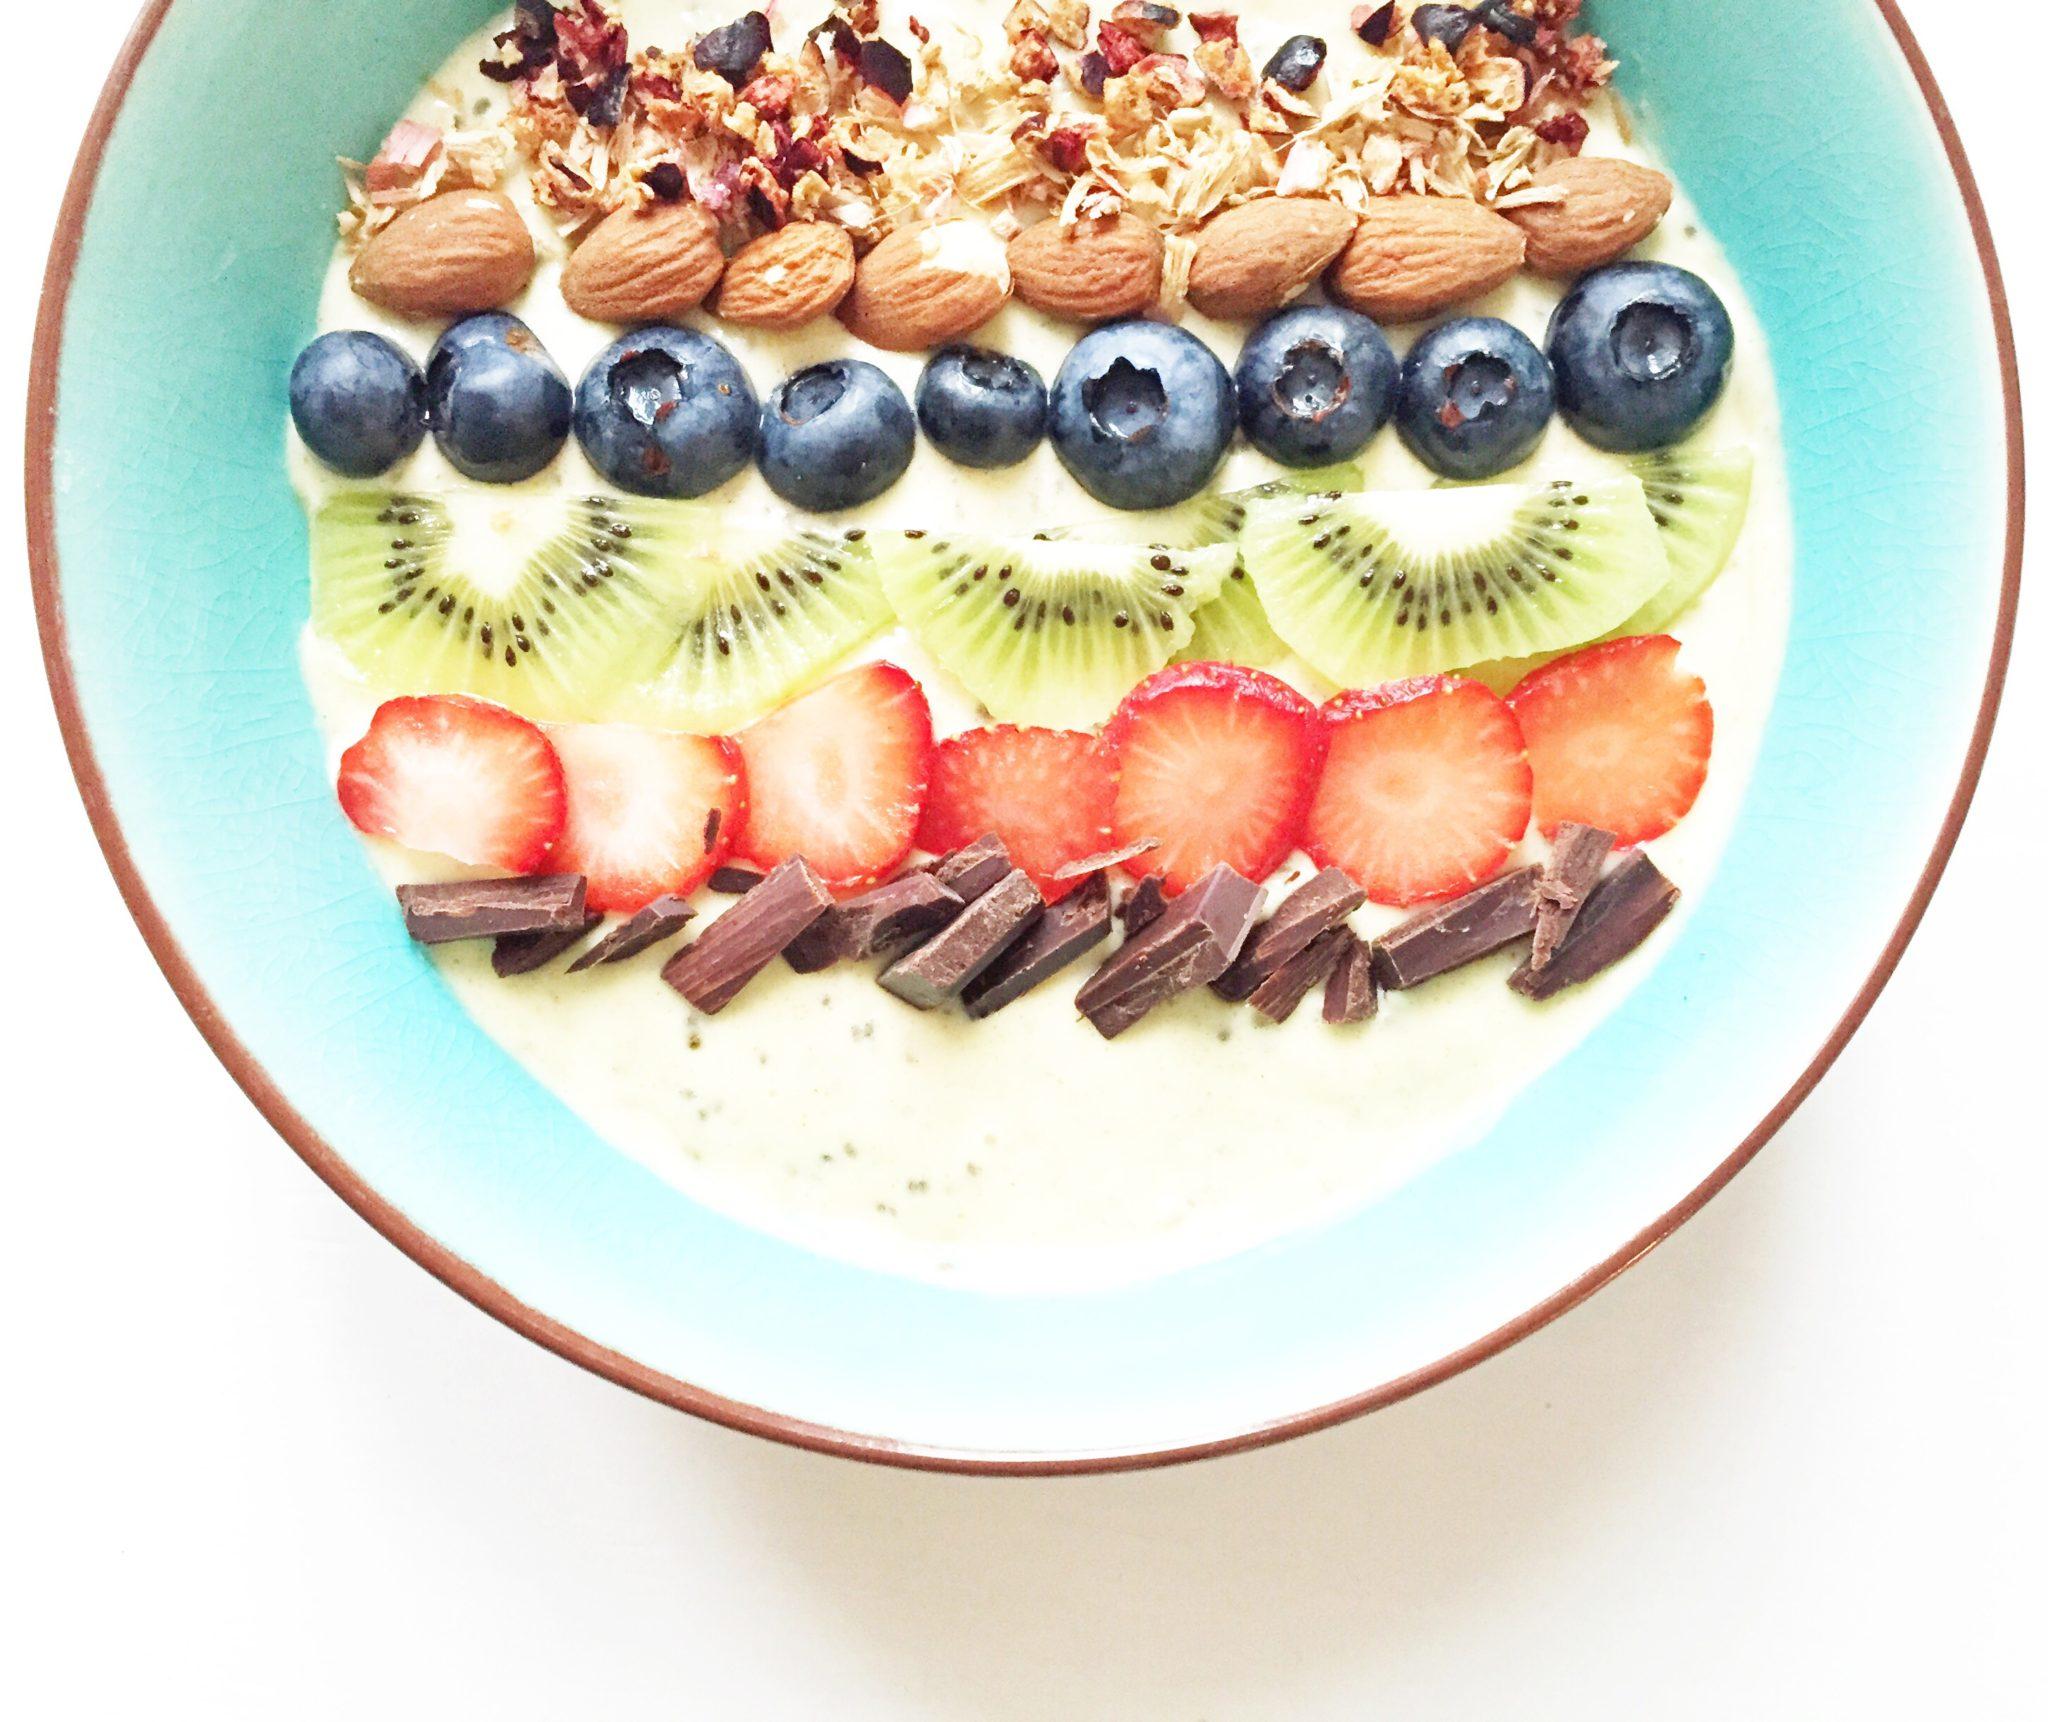 kokos smoothie bowl